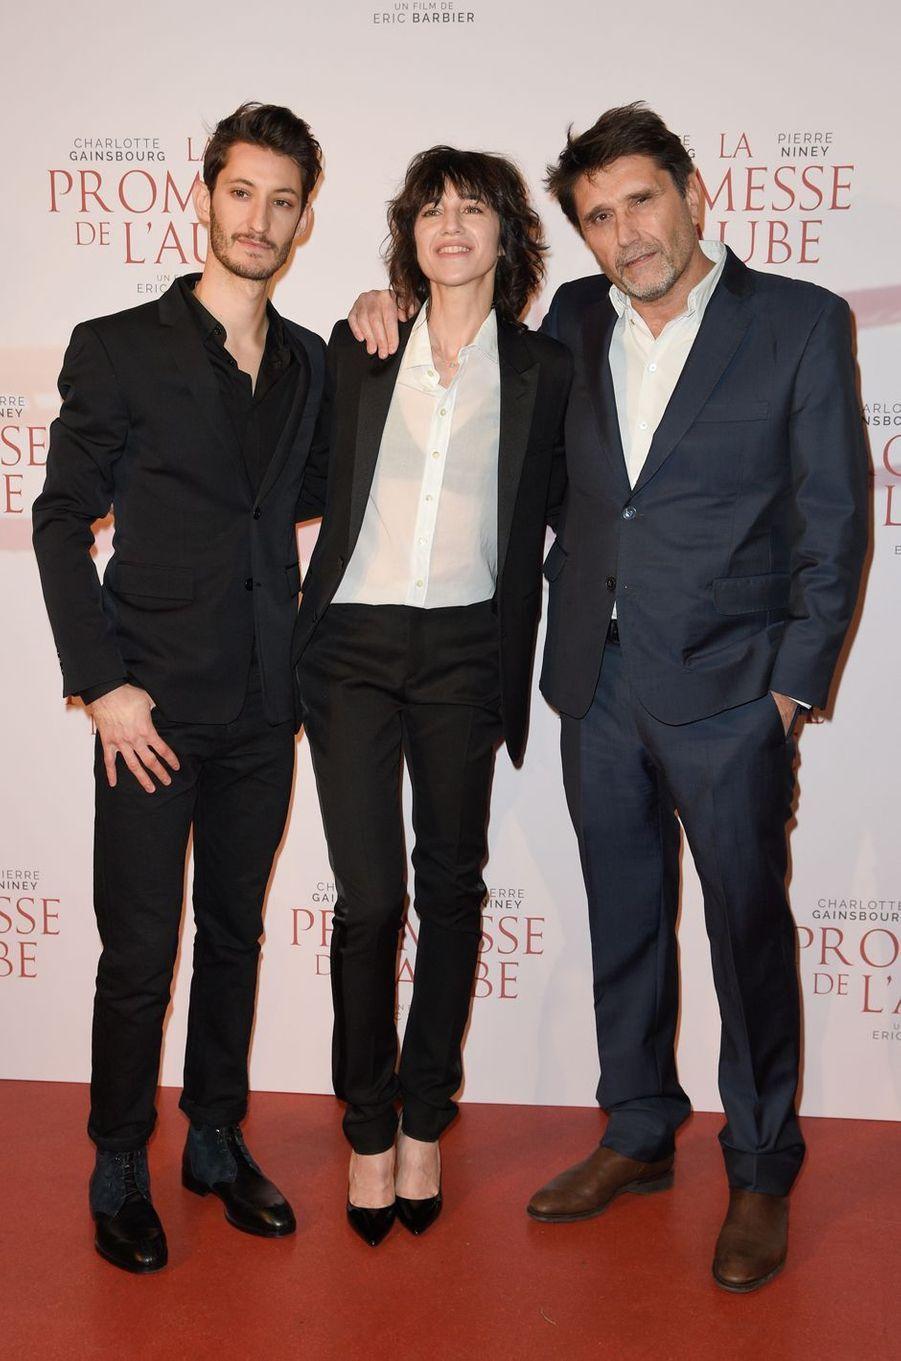 """Pierre Niney, Charlotte Gainsbourg et Eric Barbierà l'avant-première de """"La promesse de l'Aube"""", le 12 décembre 2017 à Paris."""